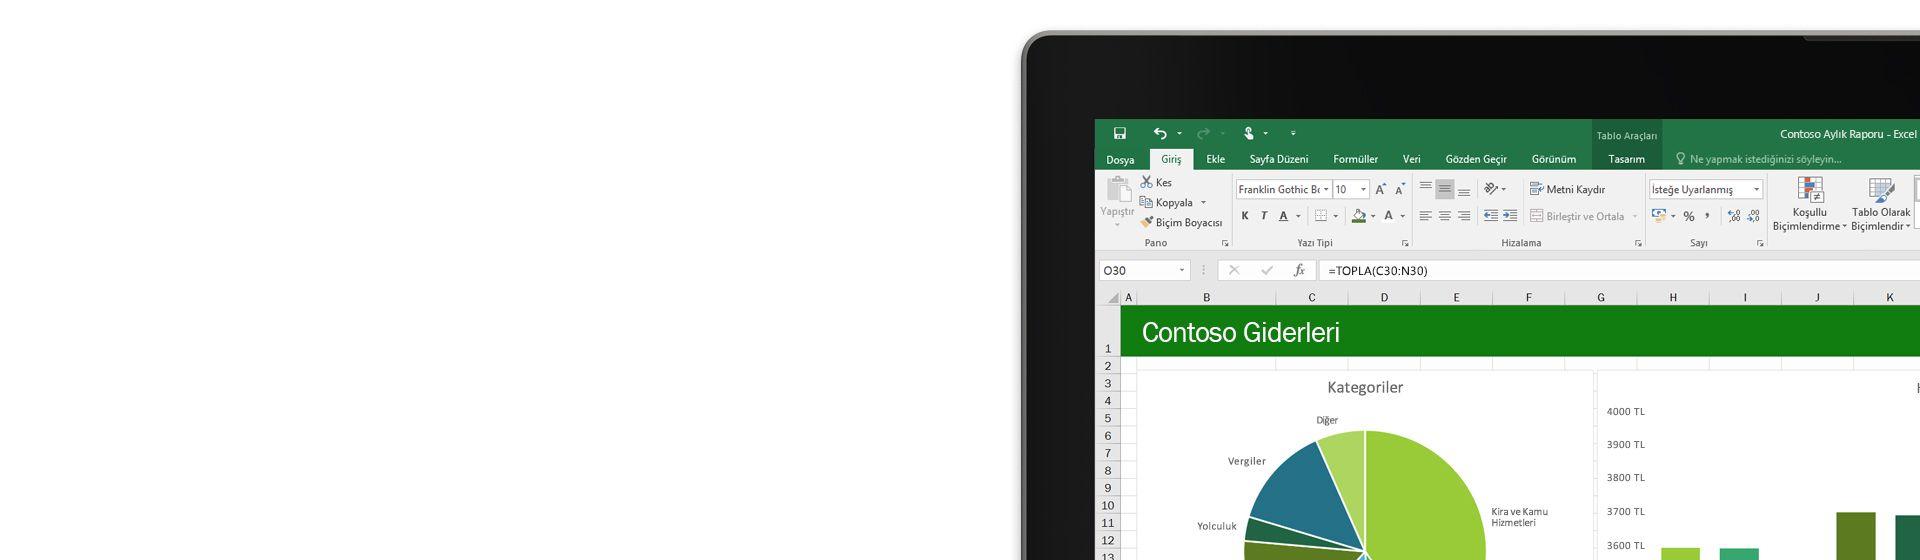 Microsoft Excel'de bir gider raporunun görüntülendiği dizüstü bilgisayar ekranının köşesi